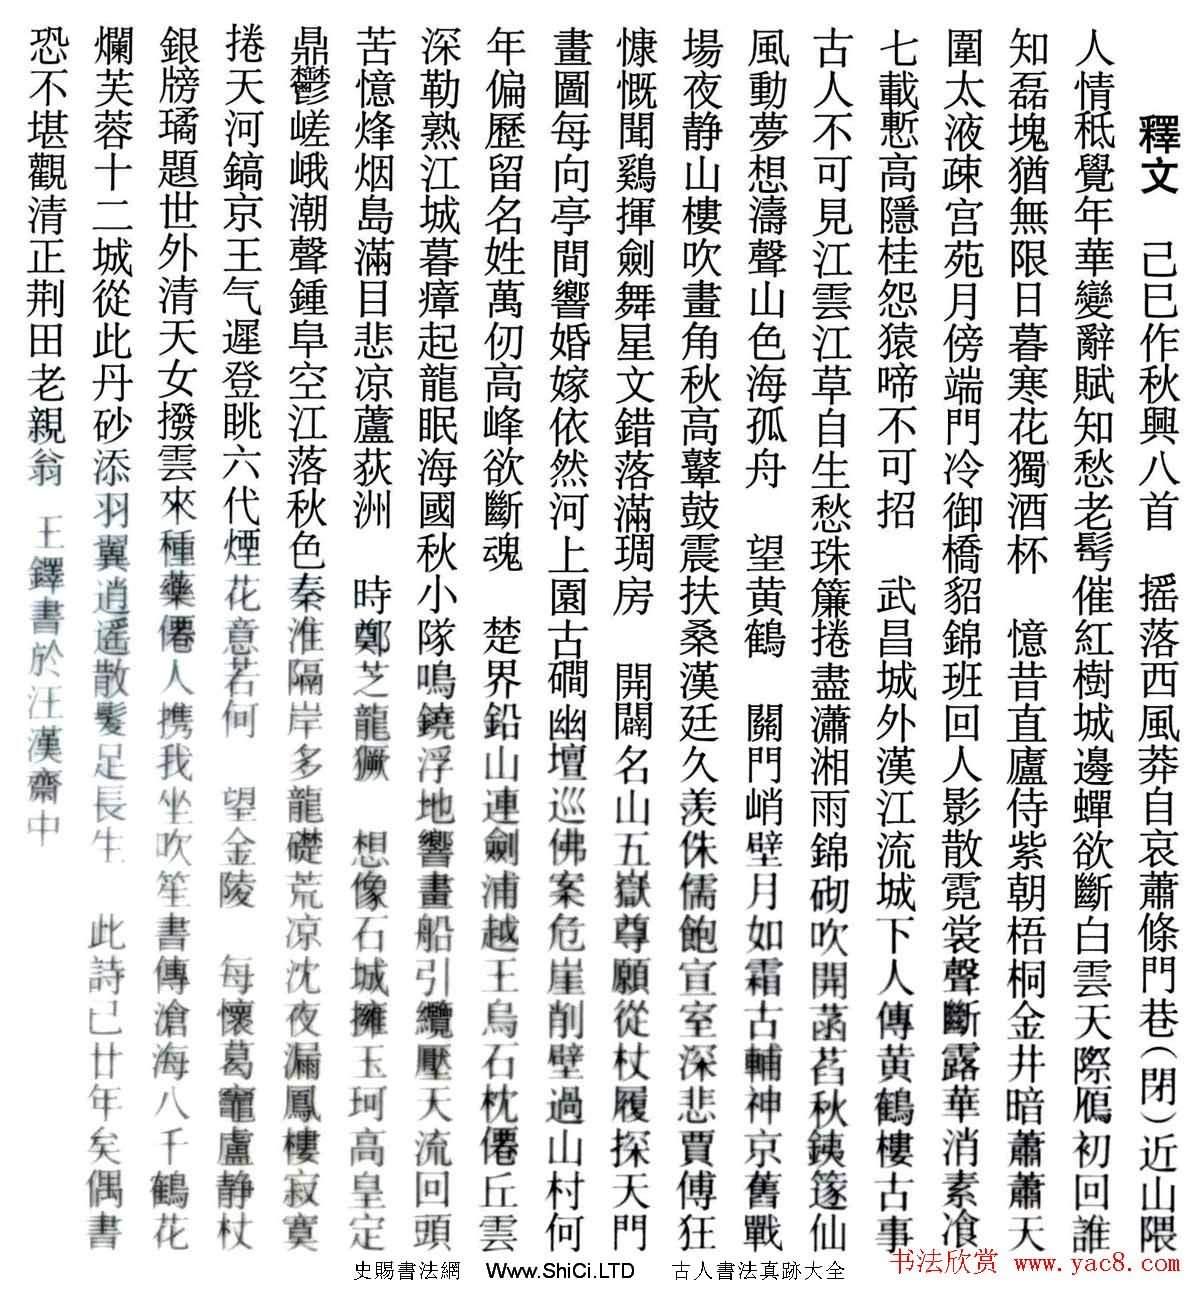 王鐸草書欣賞《秋興八首》冊頁